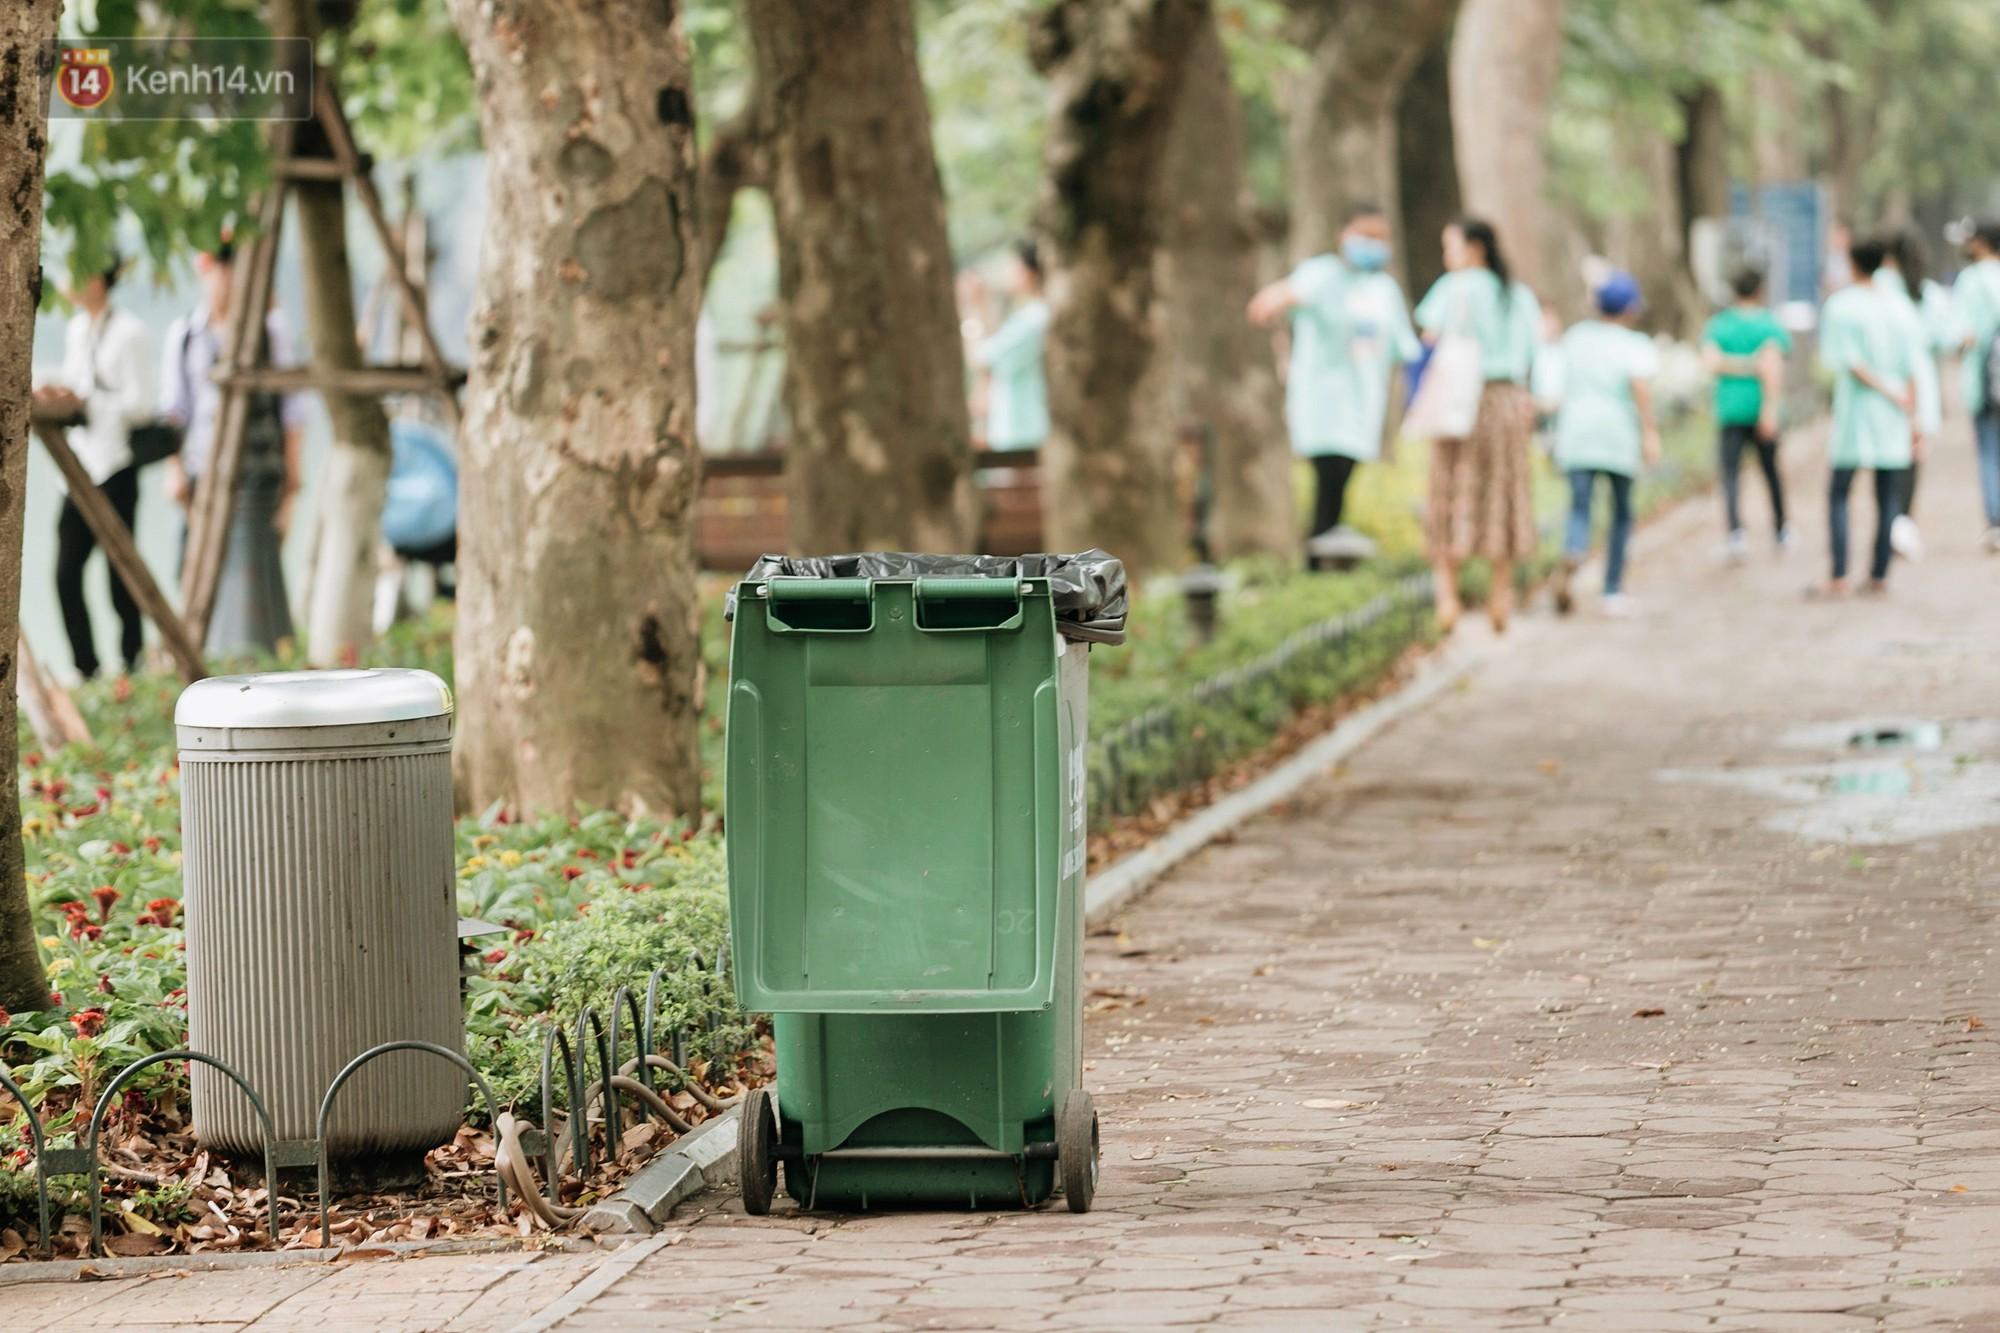 Người Hà Nội ủng hộ việc lắp camera ghi hình, phạt 7 triệu đồng hành vi xả rác ở phố đi bộ - Ảnh 4.